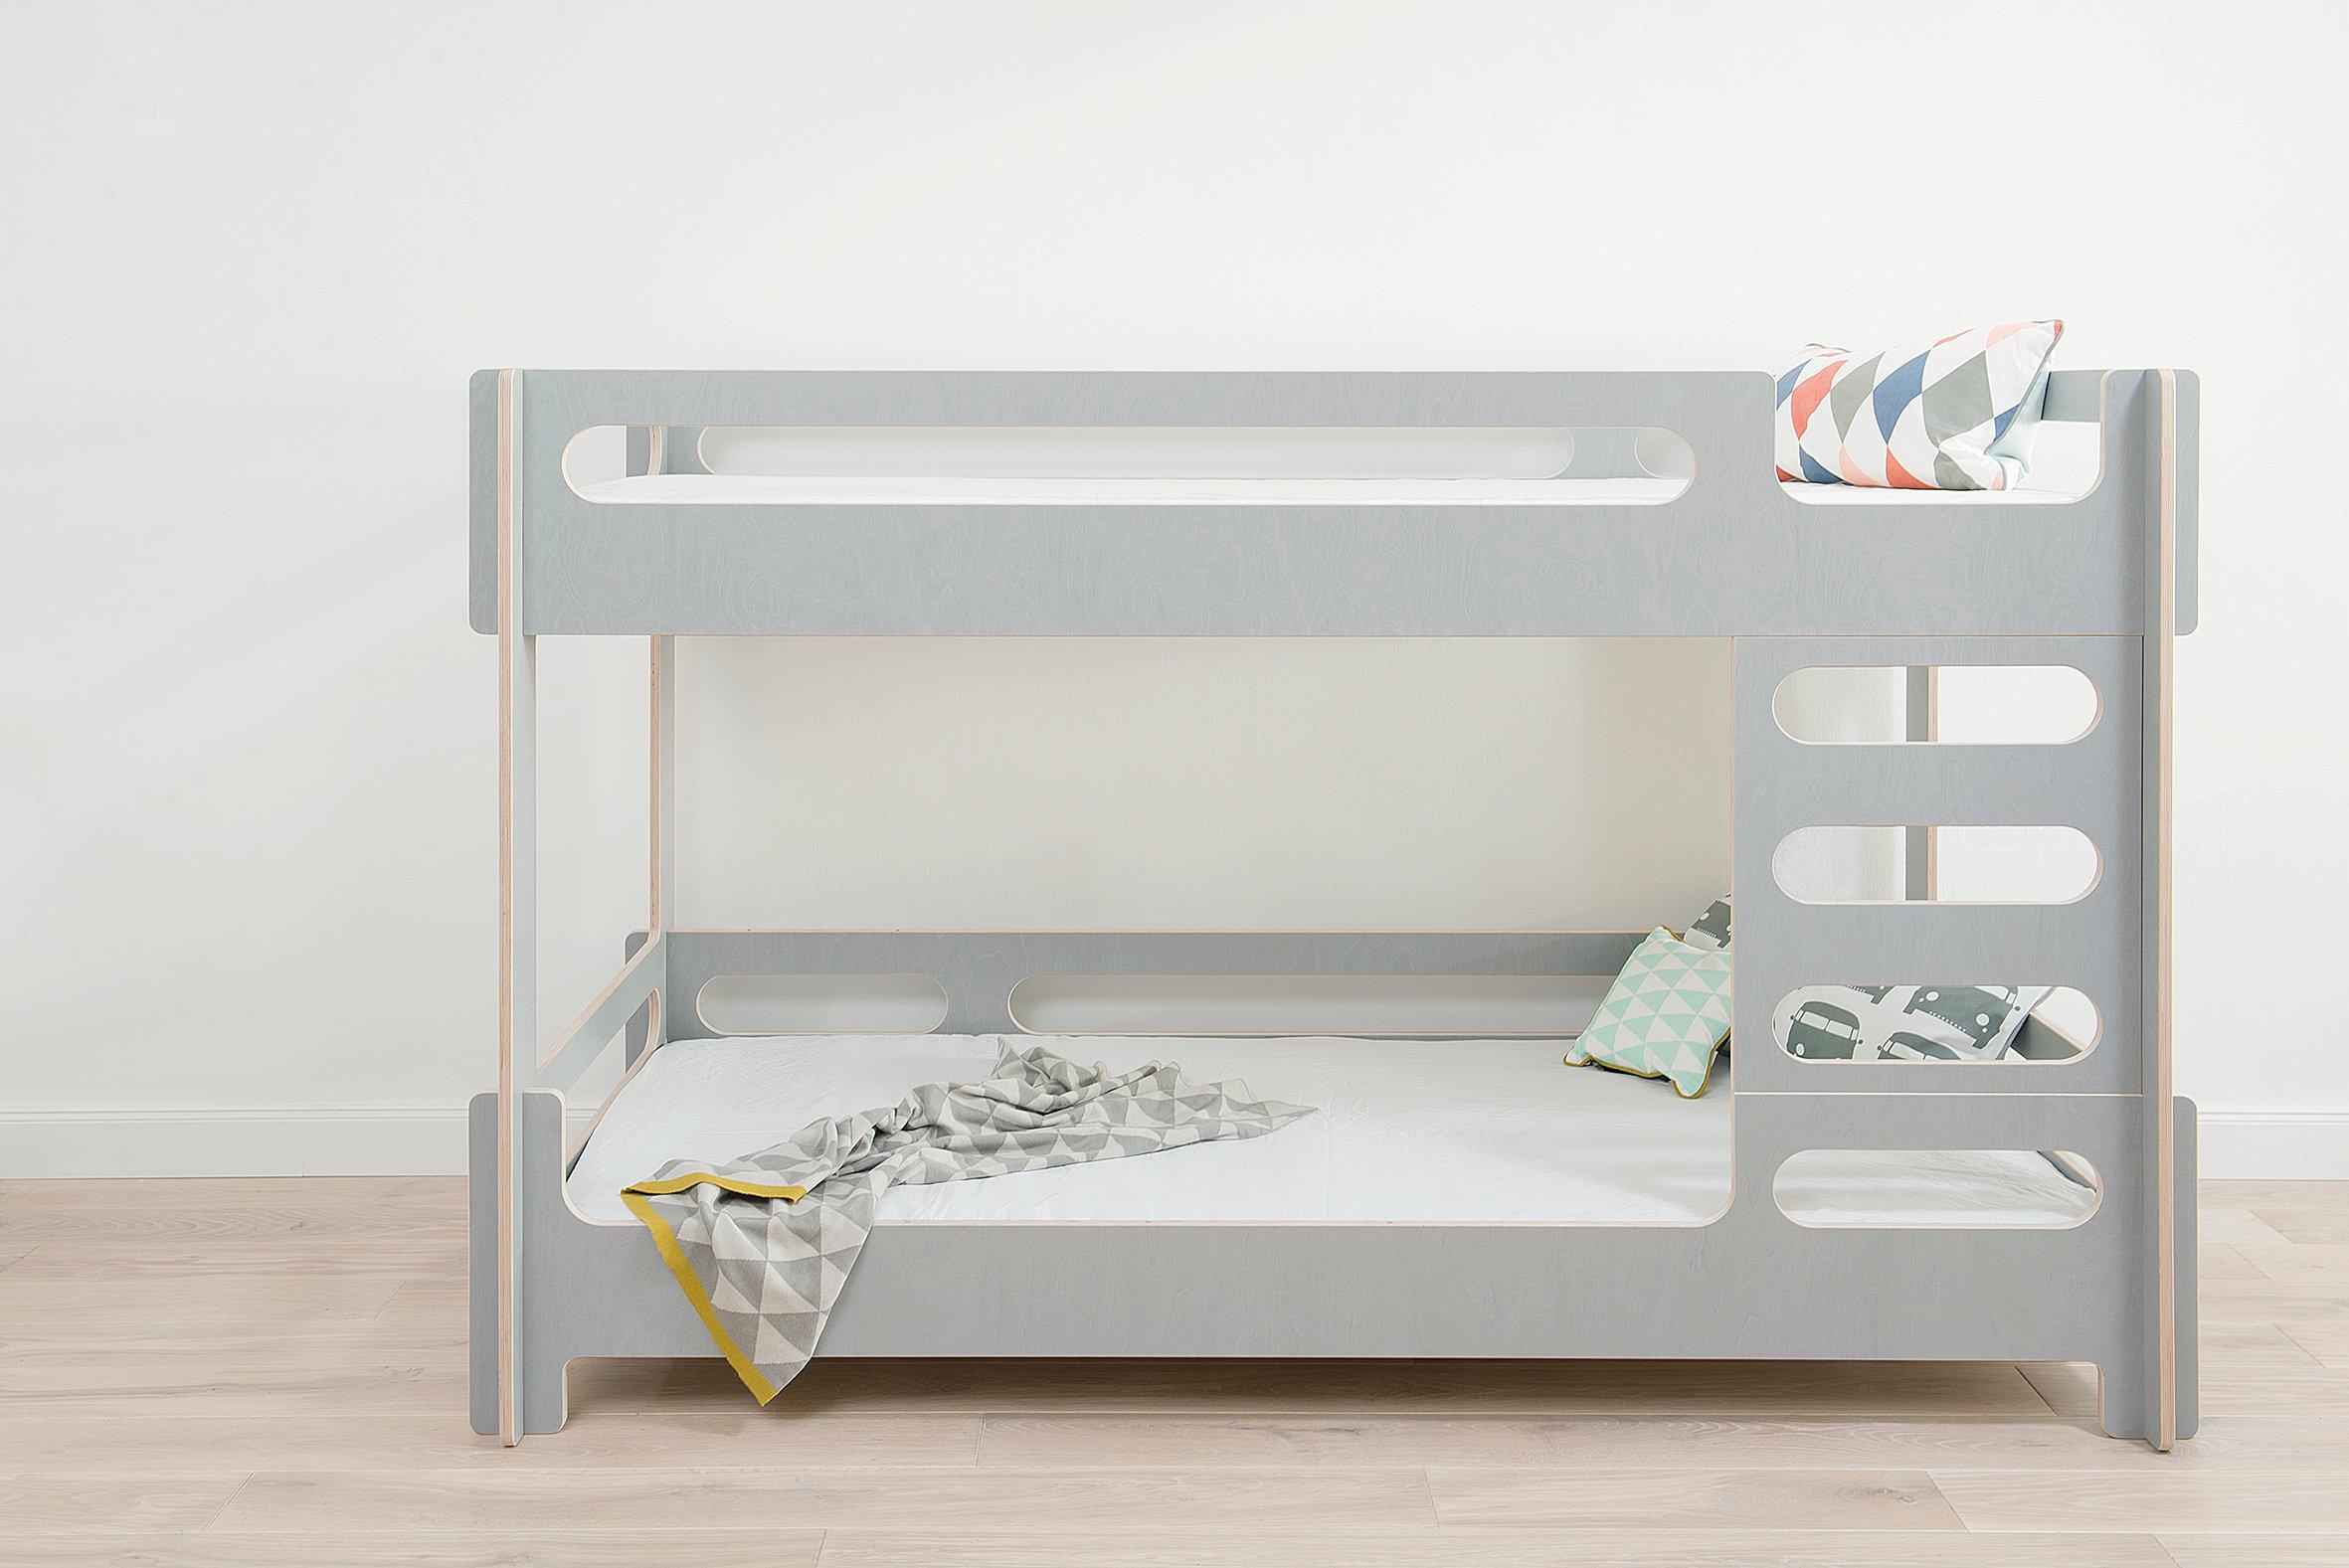 stockbett gro er einstieg unten. Black Bedroom Furniture Sets. Home Design Ideas